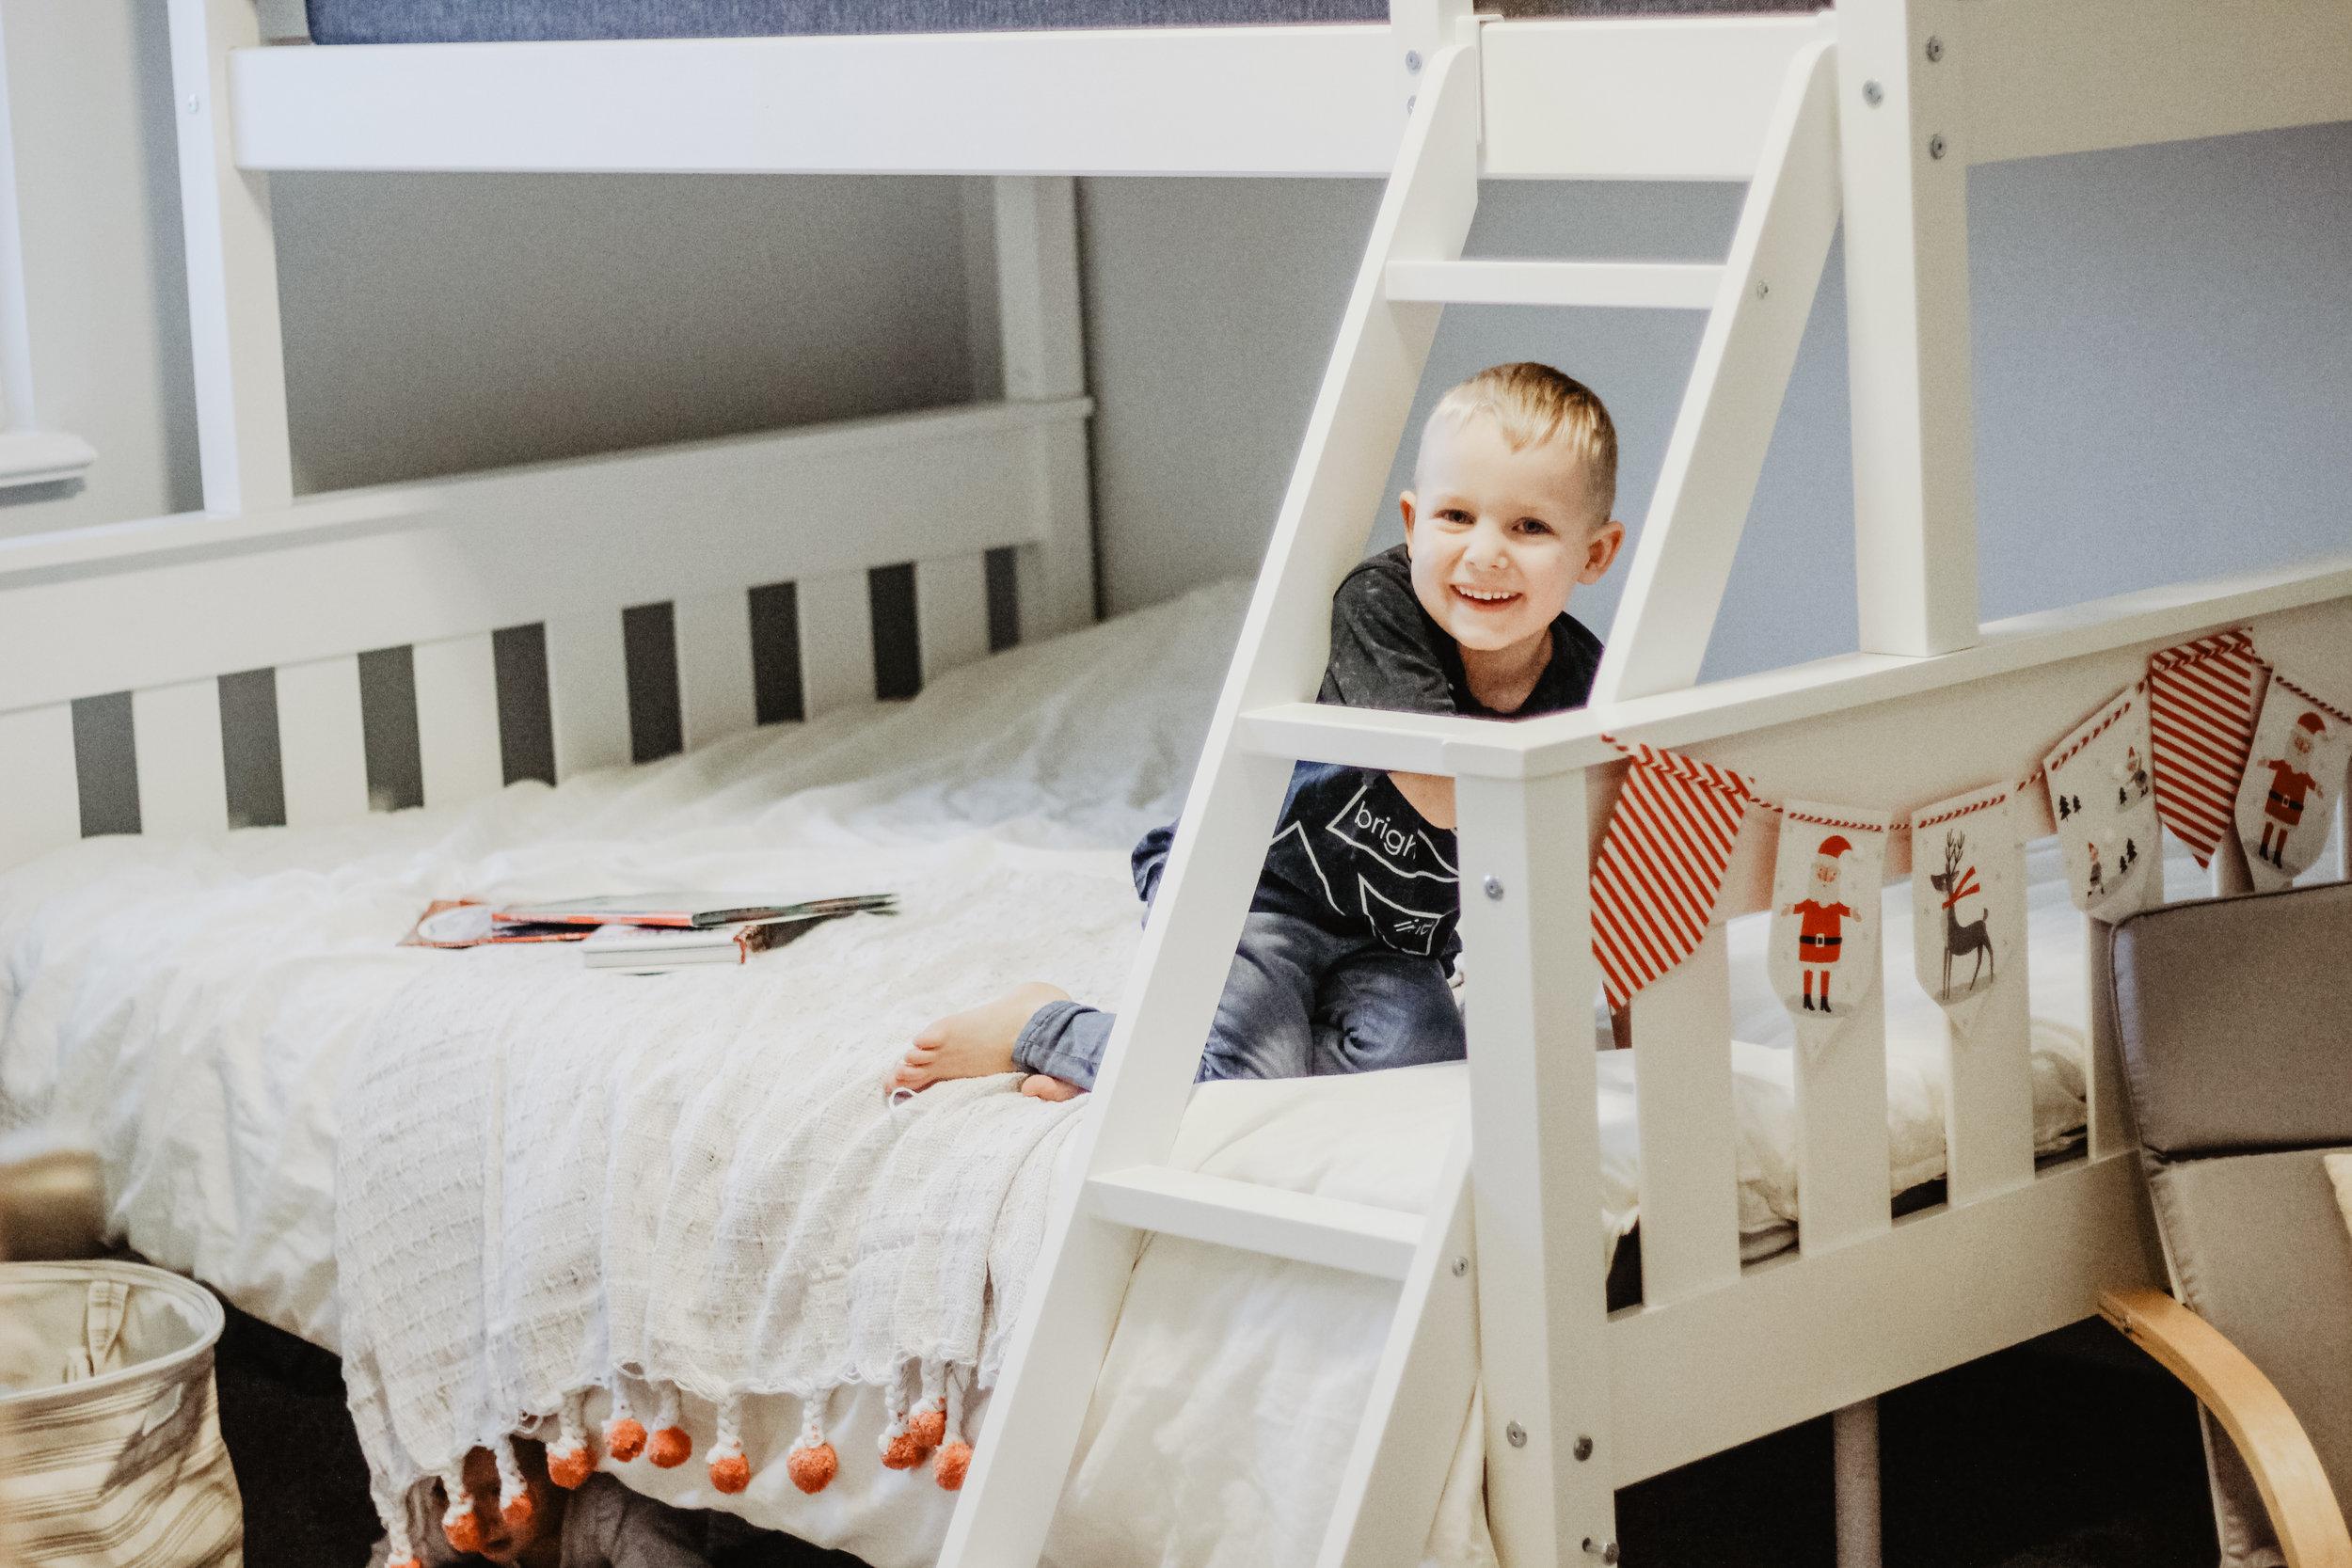 bunkbeds wayfair-8.jpg